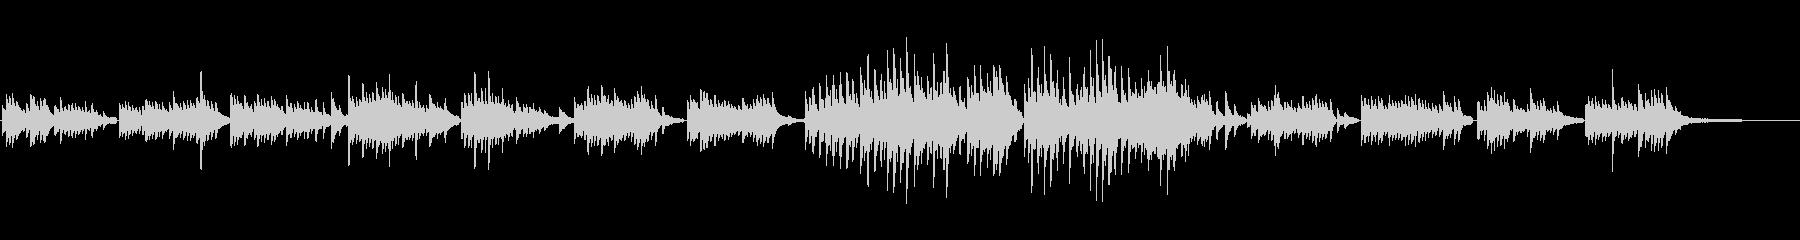 生ピアノソロ・雨の後の夕焼けの未再生の波形